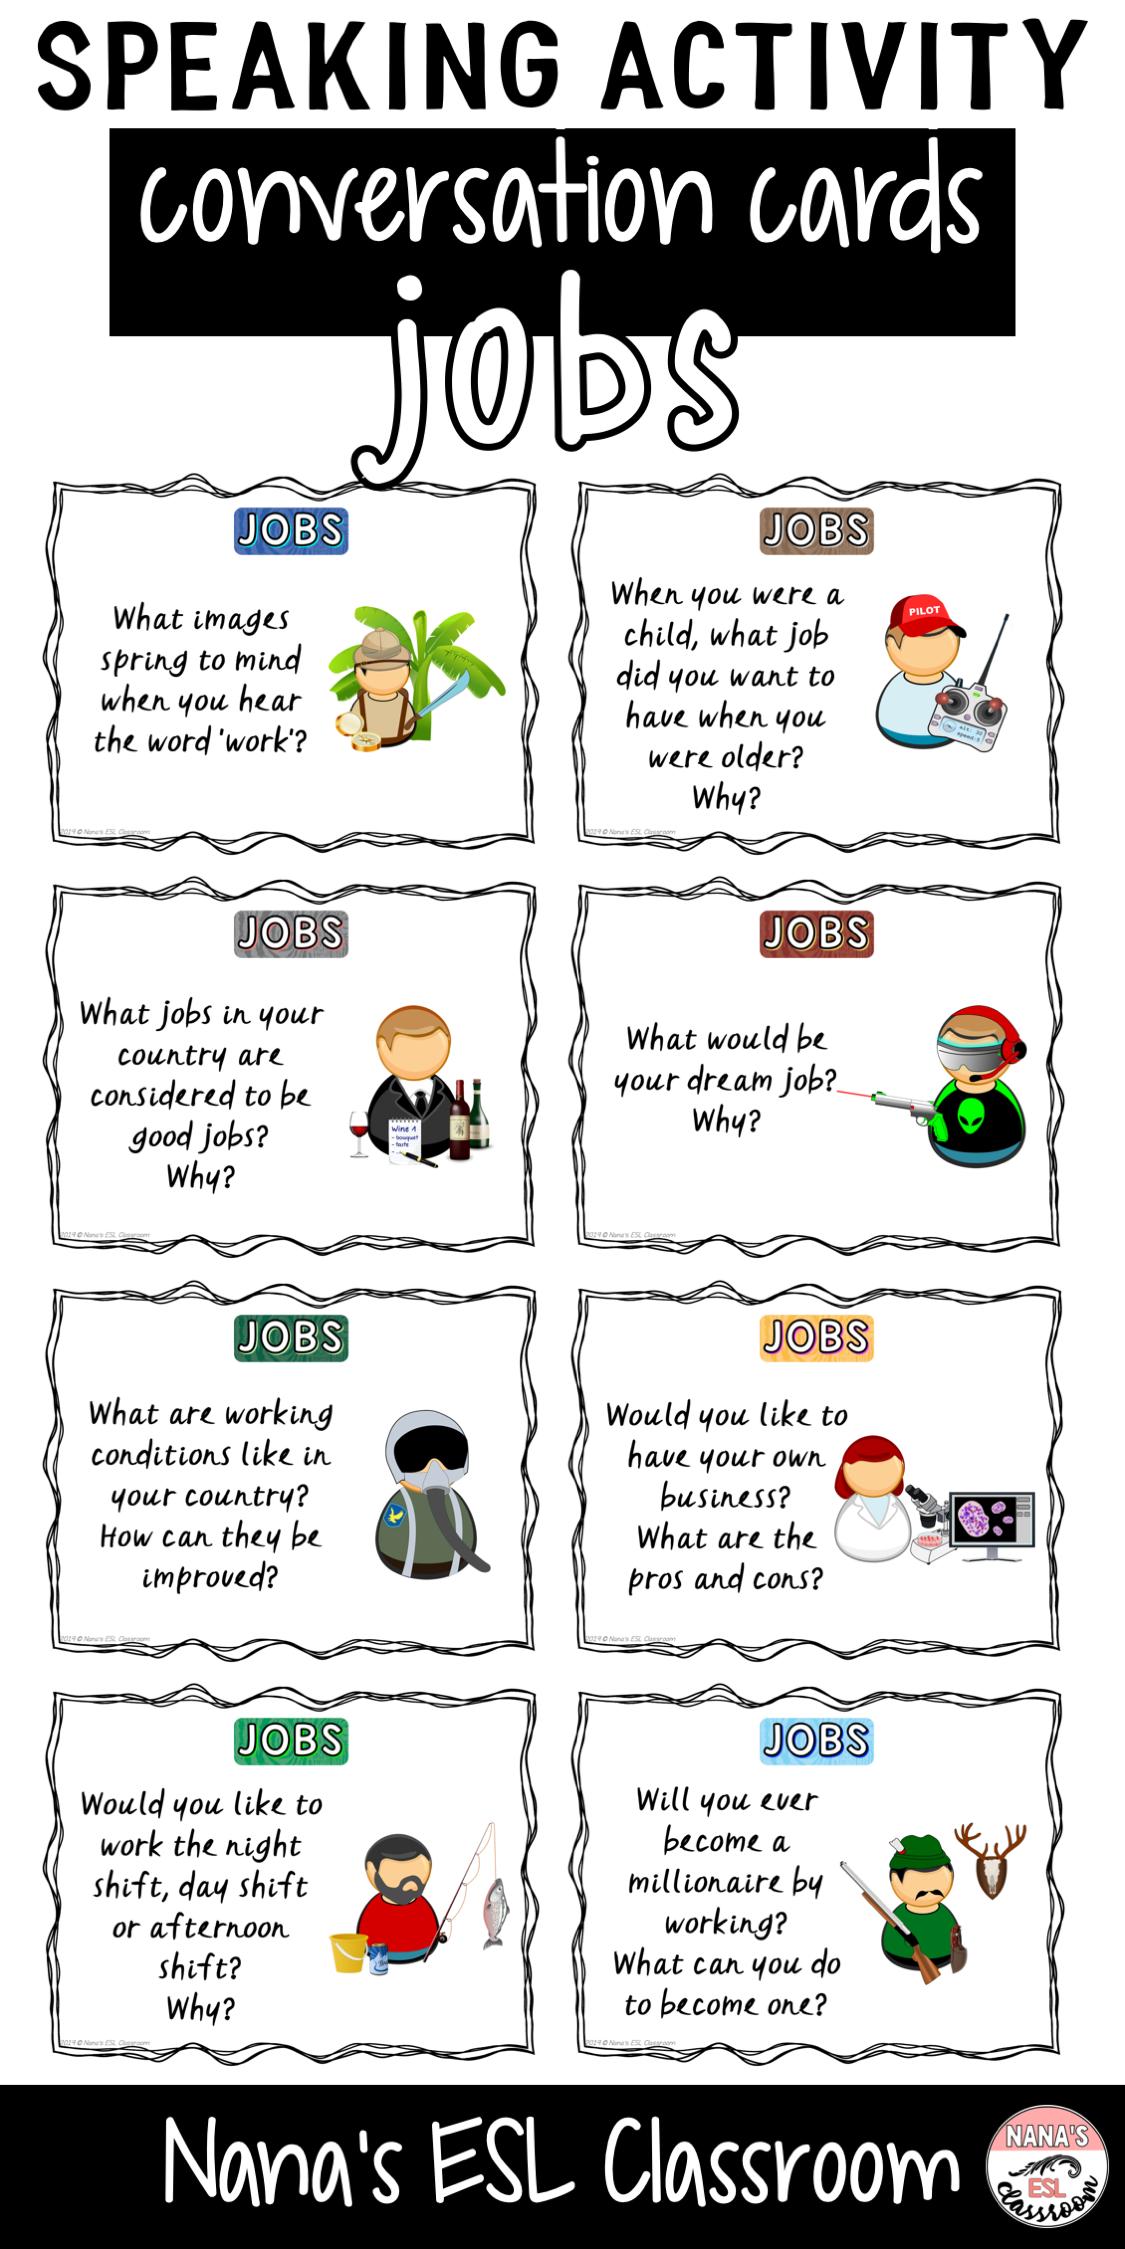 Conversation Starters About Jobs 英語の指導 教育